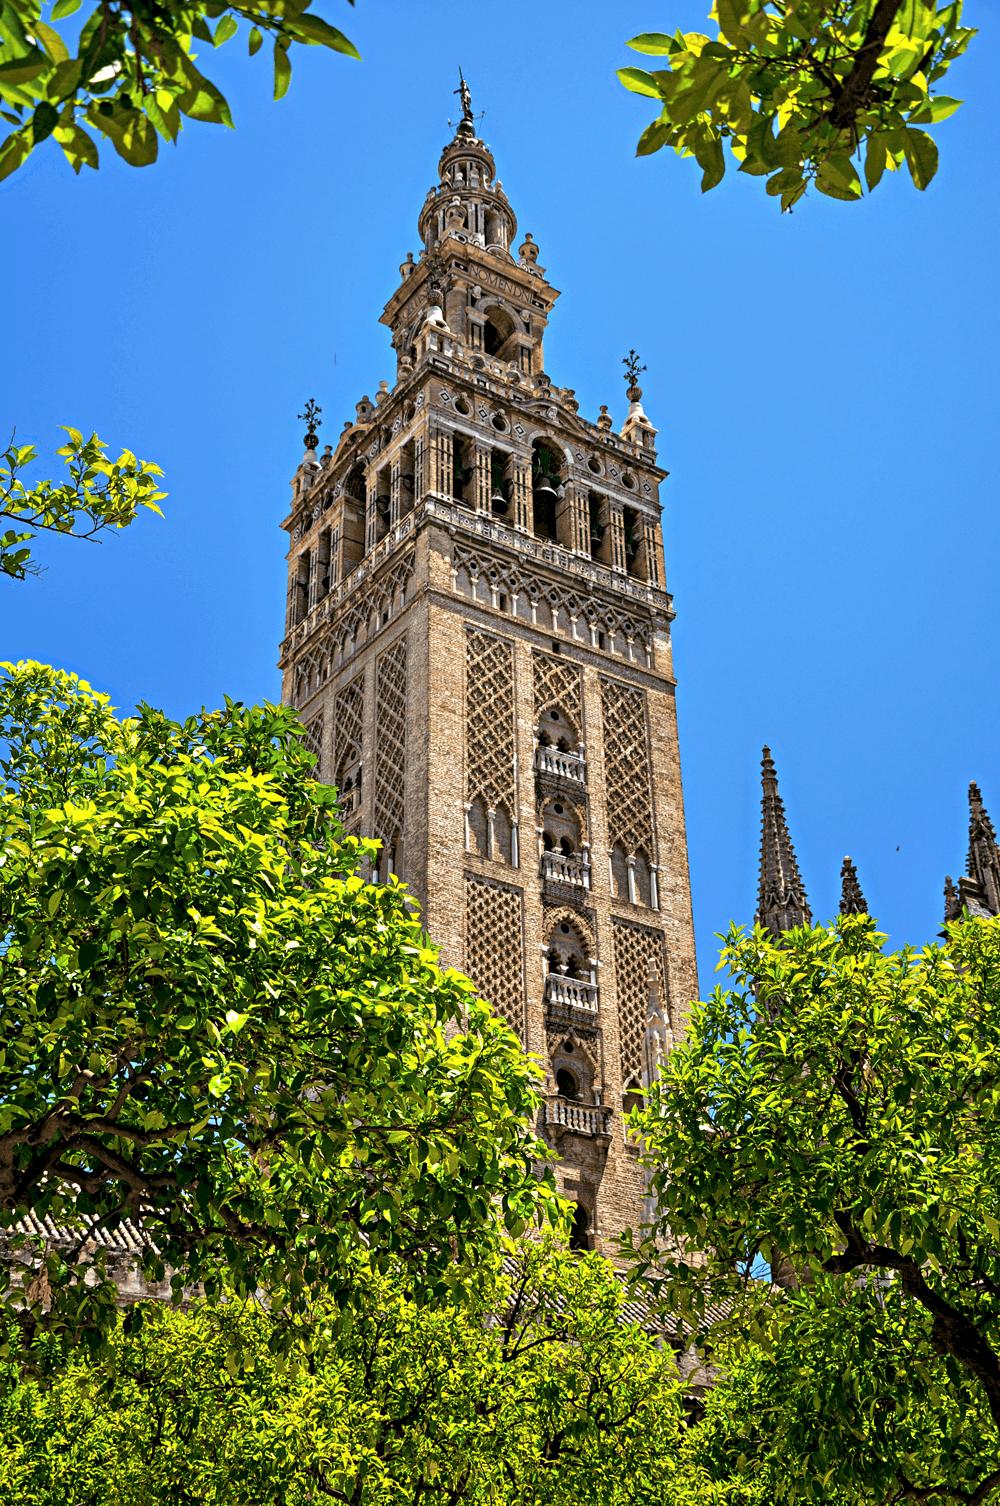 giraldatower-seville